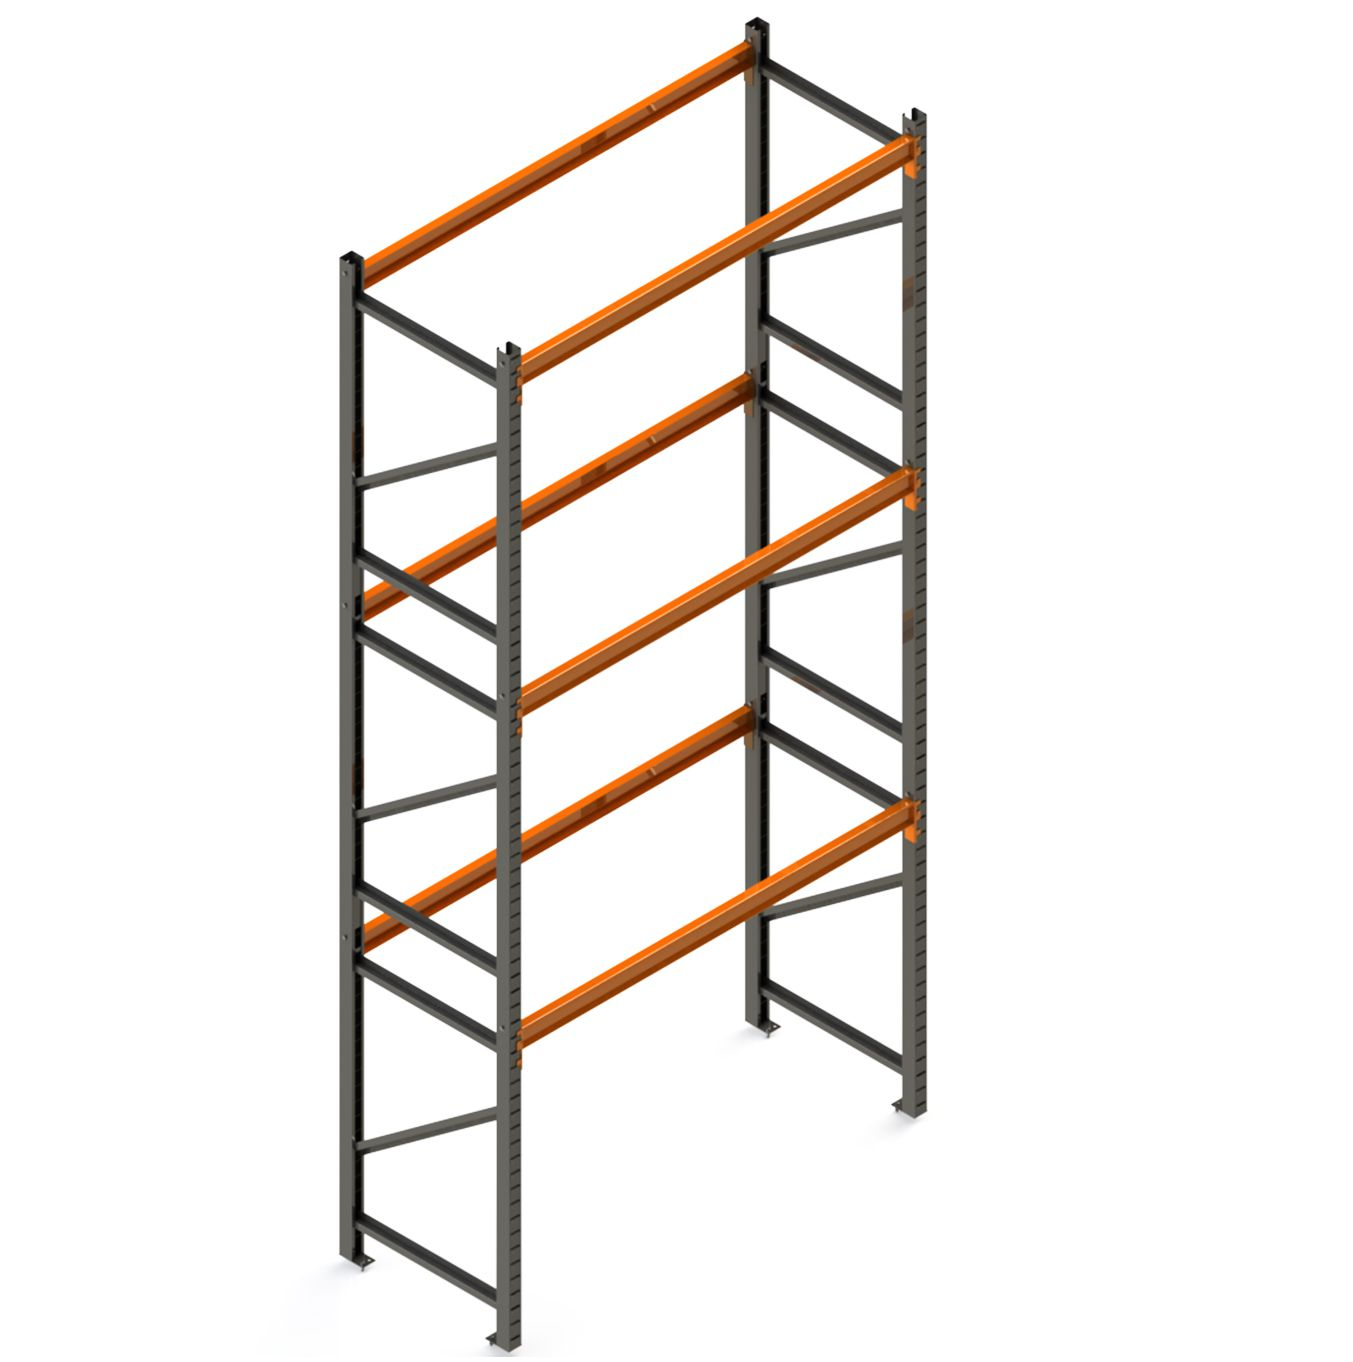 Porta Paletes Inicial A5.00xL2.30xP1.00 - 3 Níveis 500 Kg